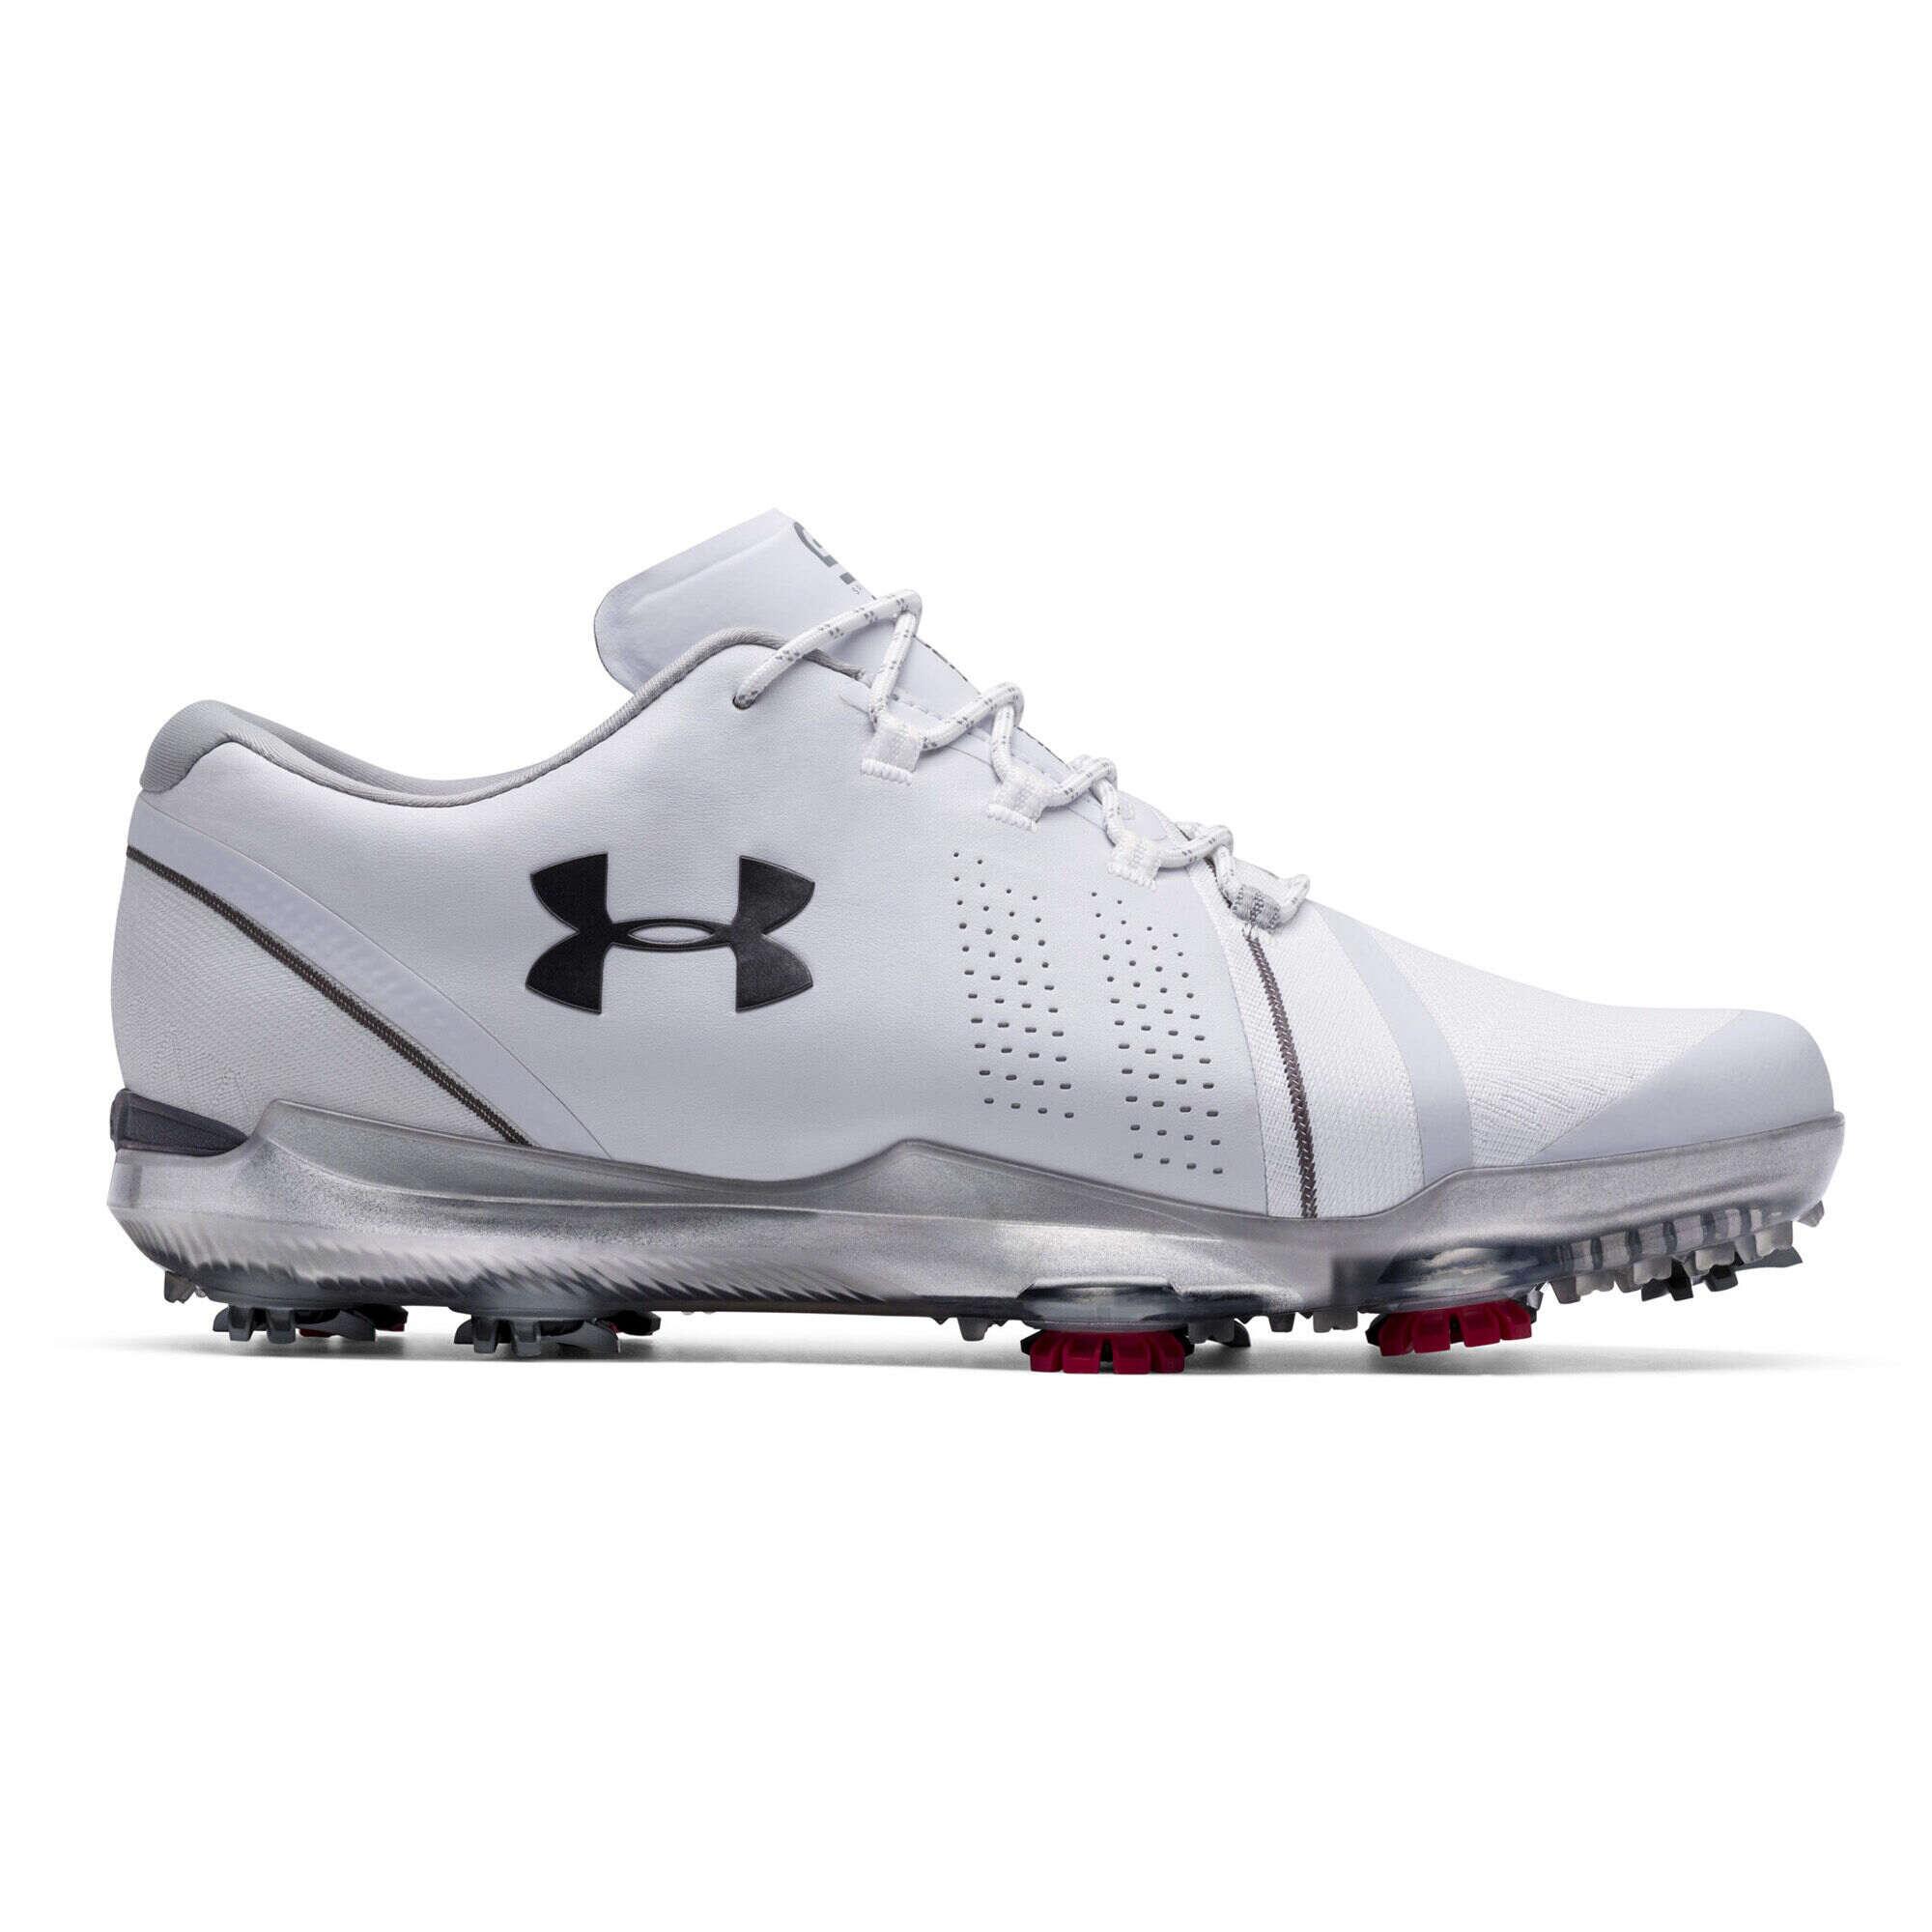 Under Armour Spieth 3 Men's Golf Shoe